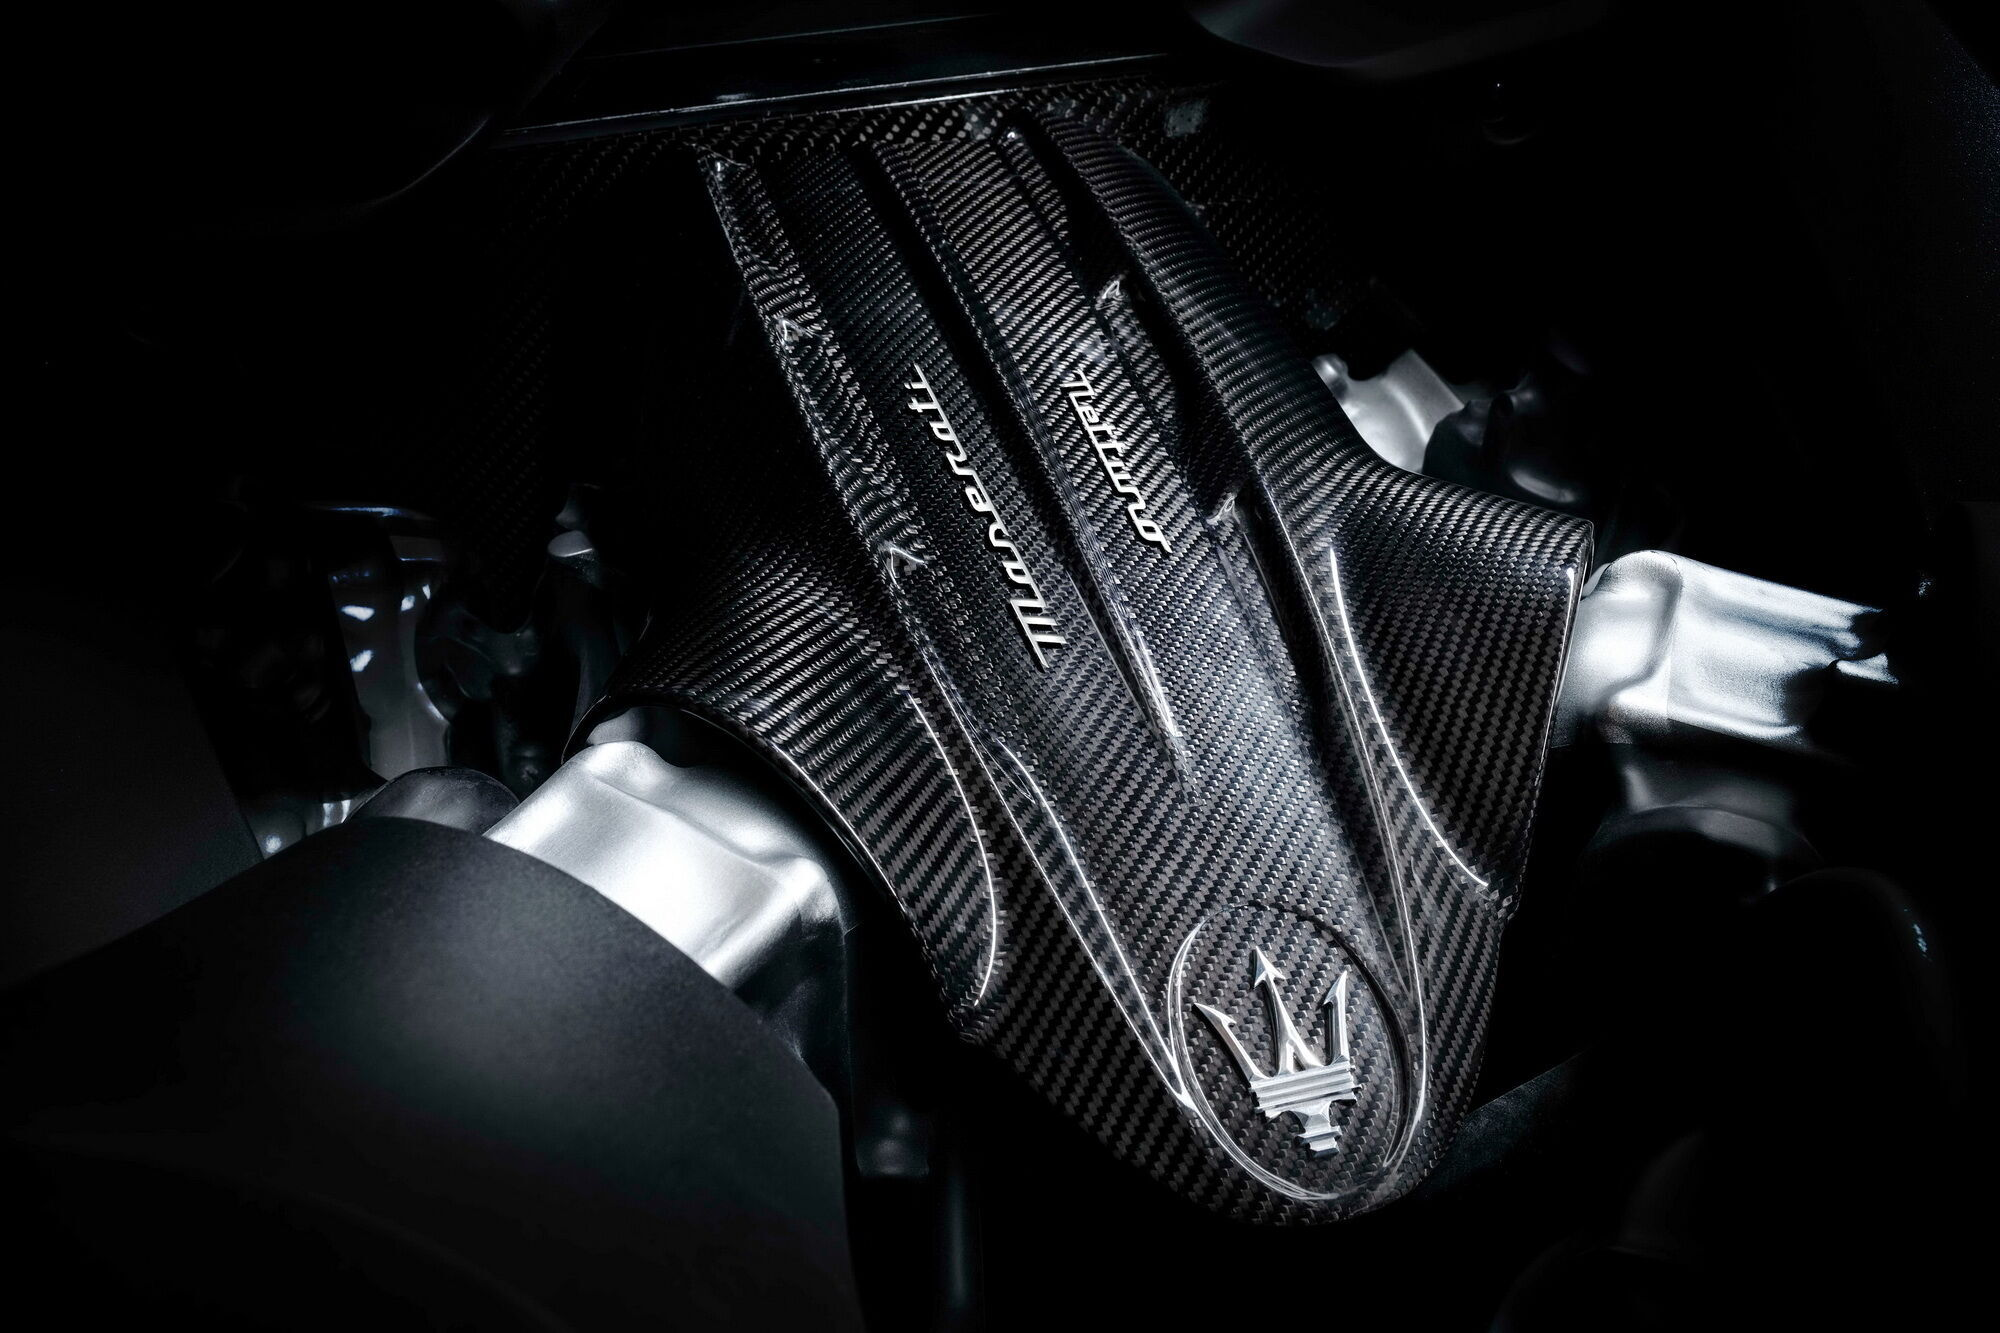 V6 Nettuno стал первым мотором собственной разработки компании за последние два десятилетия. Фото: